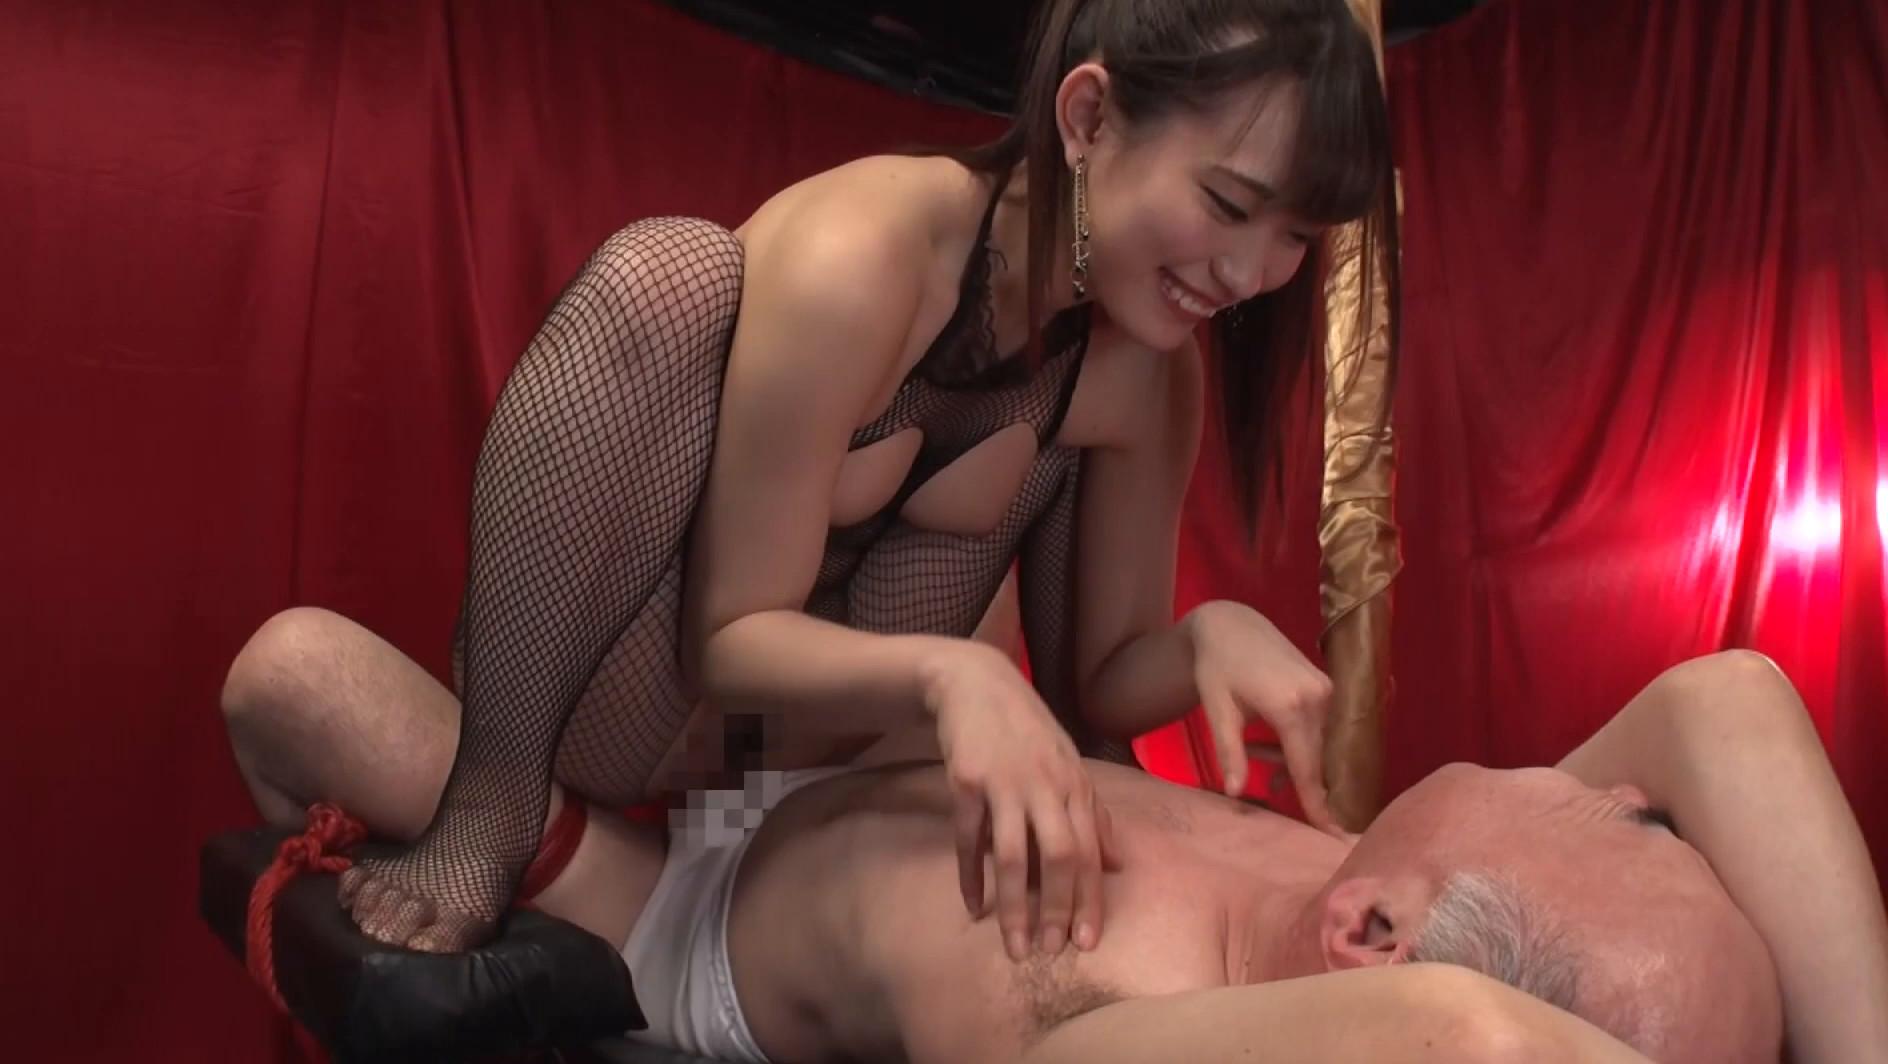 ドS痴女のM男弄び ベロキス手コキ乳首責め 4時間 画像9